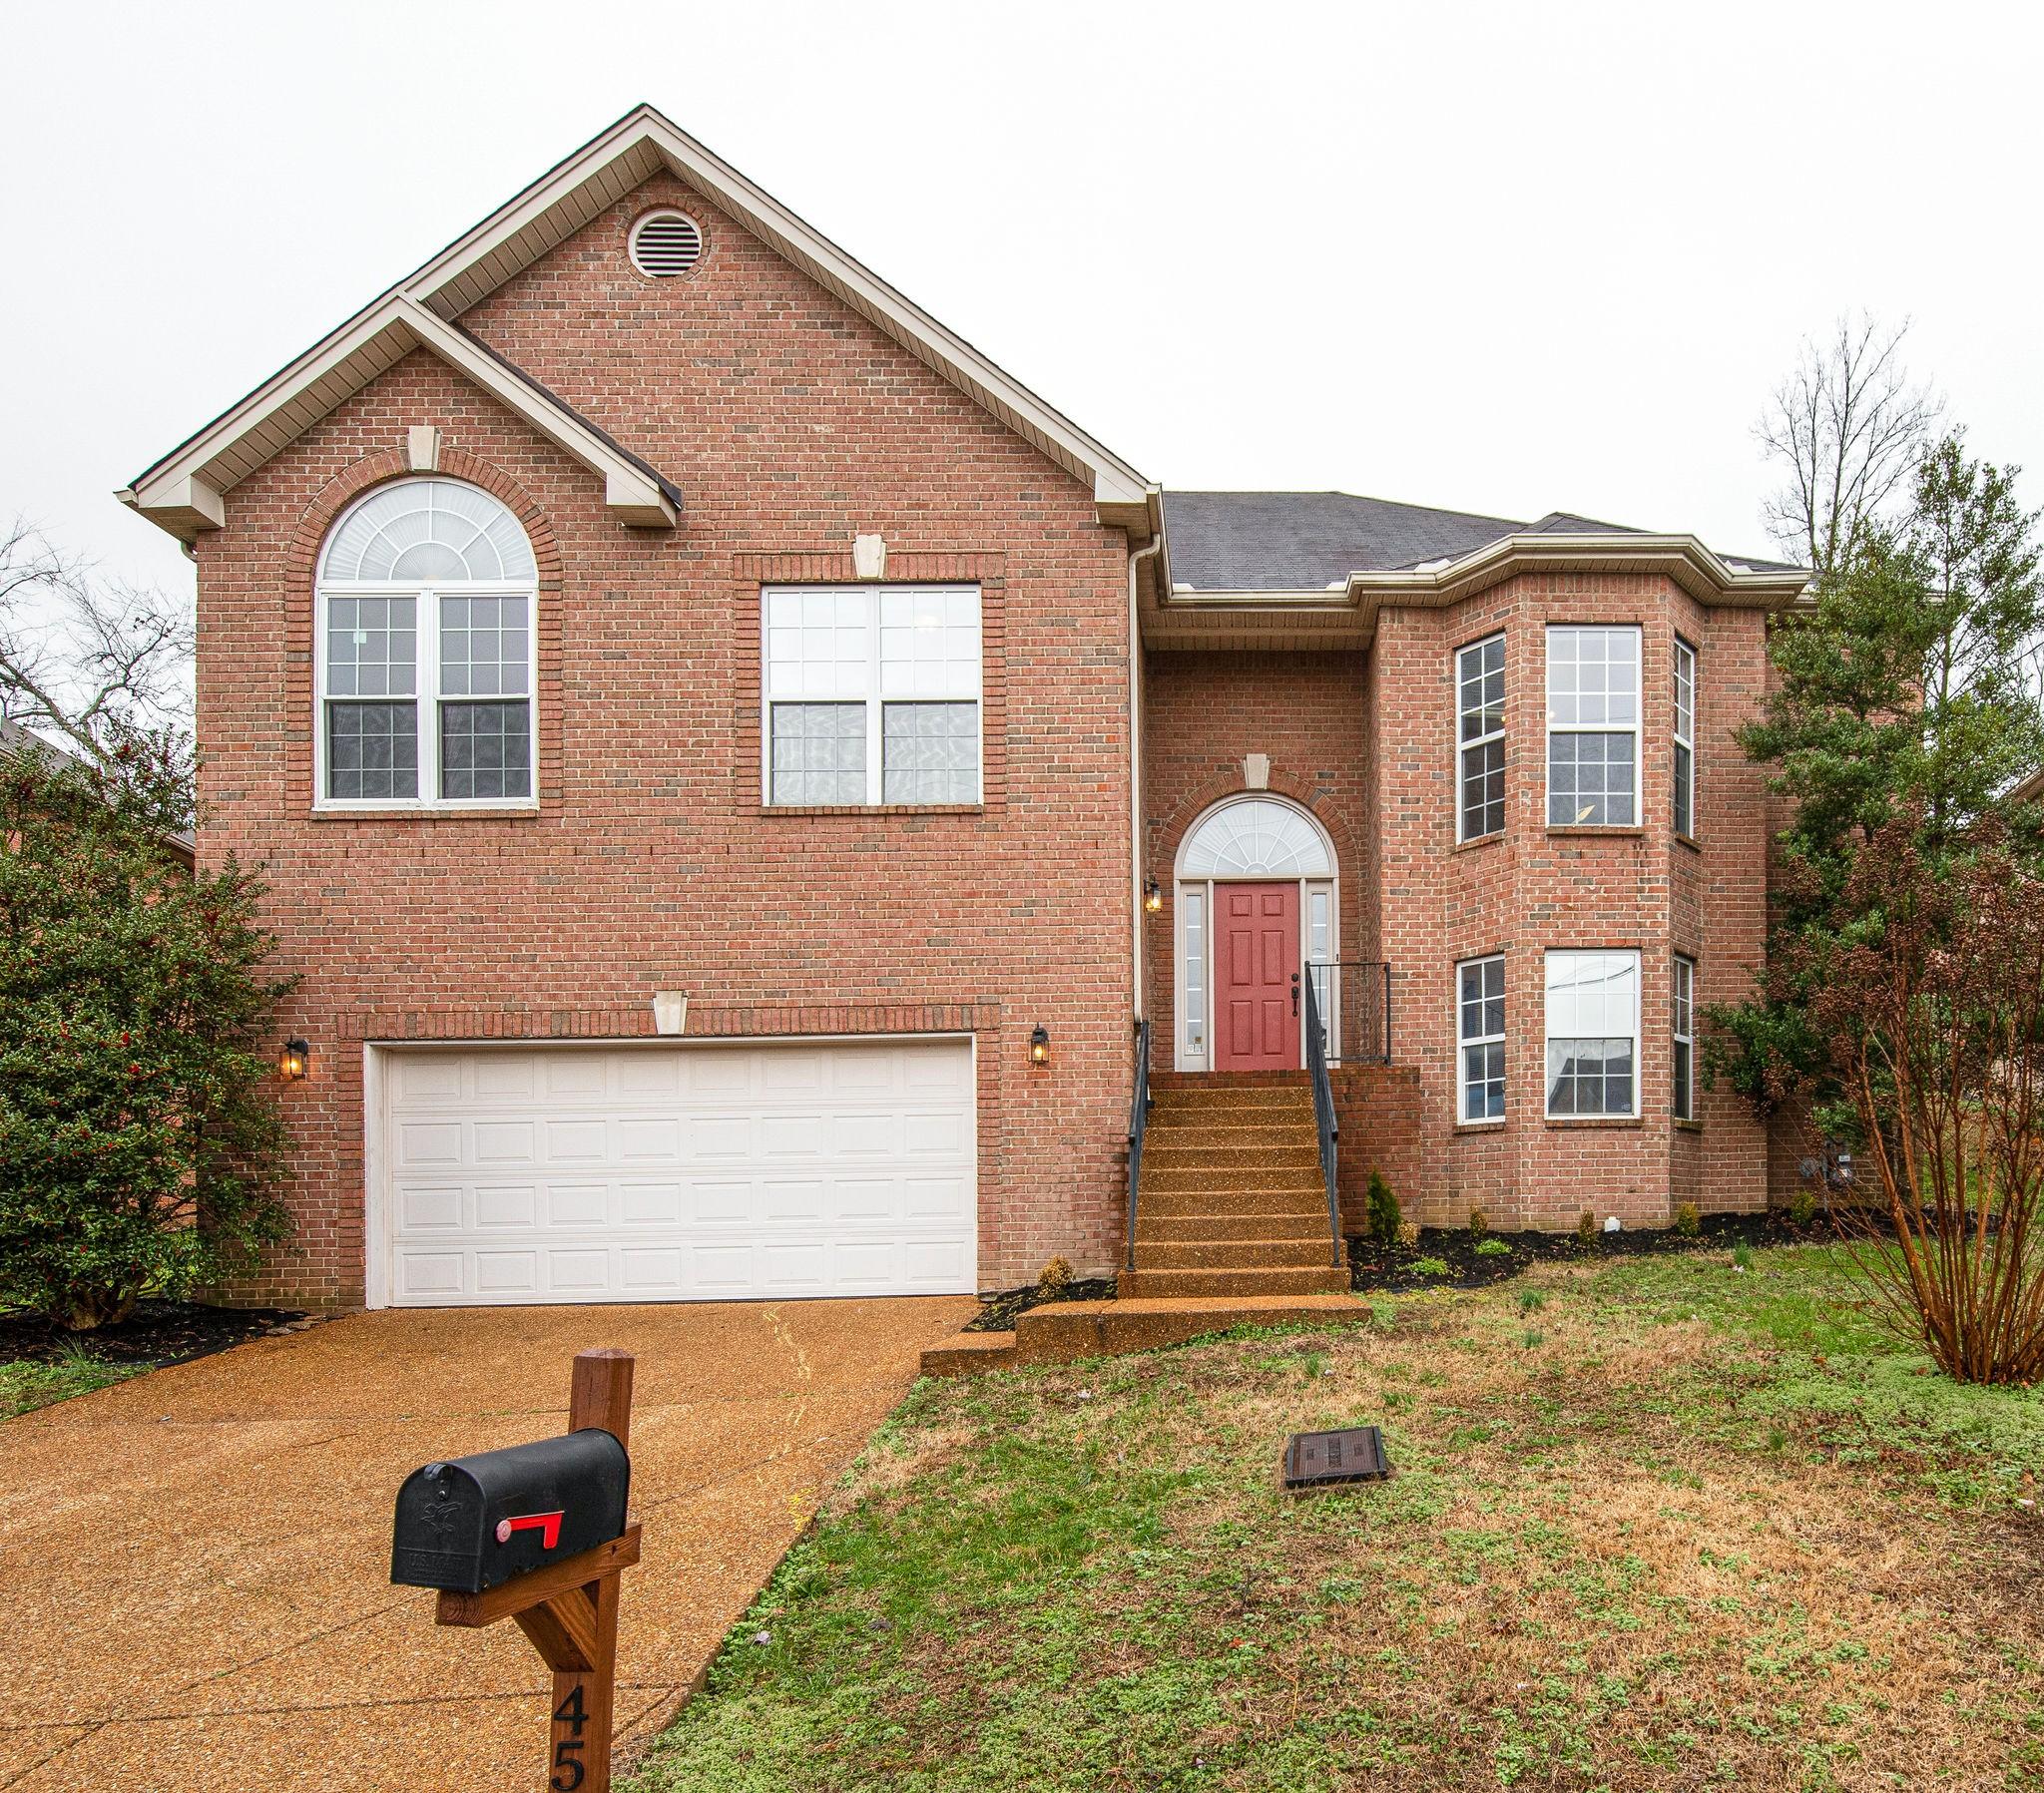 4529 Red Bark Ct, Antioch, TN 37013 - Antioch, TN real estate listing